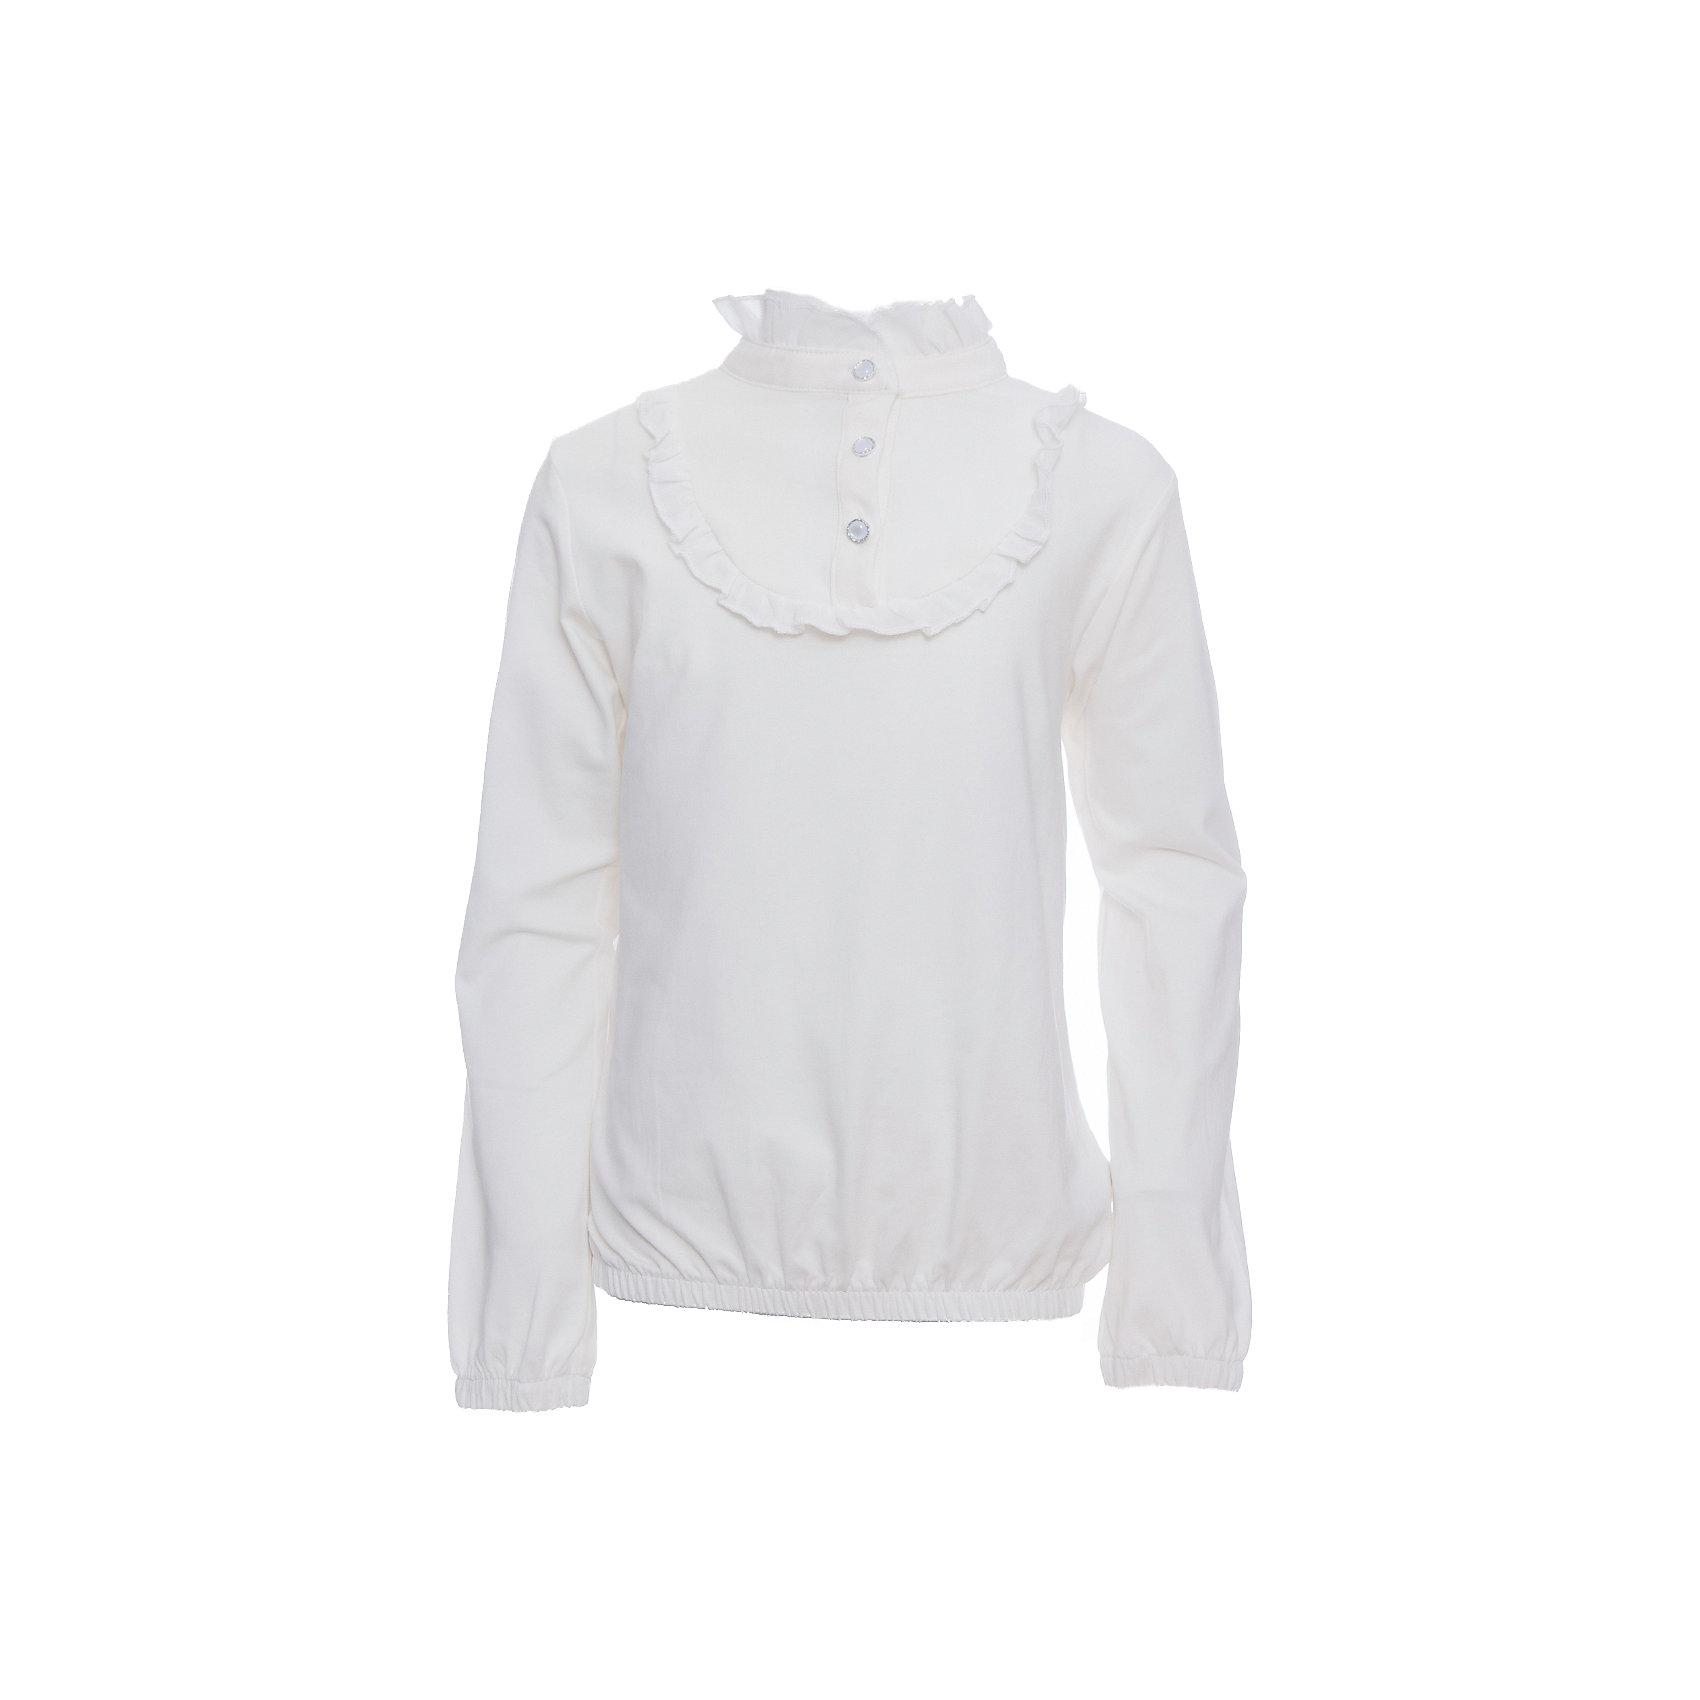 Блузка для девочки LuminosoБлузки и рубашки<br>Характеристики товара:<br><br>• цвет: белый;<br>• состав: 95% хлопок, 5% эластан;<br>• сезон: демисезон;<br>• особенности: школьная, с шифоном;<br>• застежка: пуговицы на горловине;<br>• с длинным рукавом;<br>• манжеты рукавов на мягкой резинке;<br>• страна бренда: Россия;<br>• страна производства: Китай.<br><br>Школьная блузка с длинным рукавом для девочки. Белая блузка с шифоновой вставкой на кокетке. Рукава и низ блузки собраны на мягкую резинку. Однотонная блузка застегивается на пуговице на горловине. <br><br>Блузка для девочки Luminoso (Люминосо) можно купить в нашем интернет-магазине.<br><br>Ширина мм: 186<br>Глубина мм: 87<br>Высота мм: 198<br>Вес г: 197<br>Цвет: белый<br>Возраст от месяцев: 156<br>Возраст до месяцев: 168<br>Пол: Женский<br>Возраст: Детский<br>Размер: 164,152,122,128,134,140,146,158<br>SKU: 6672941